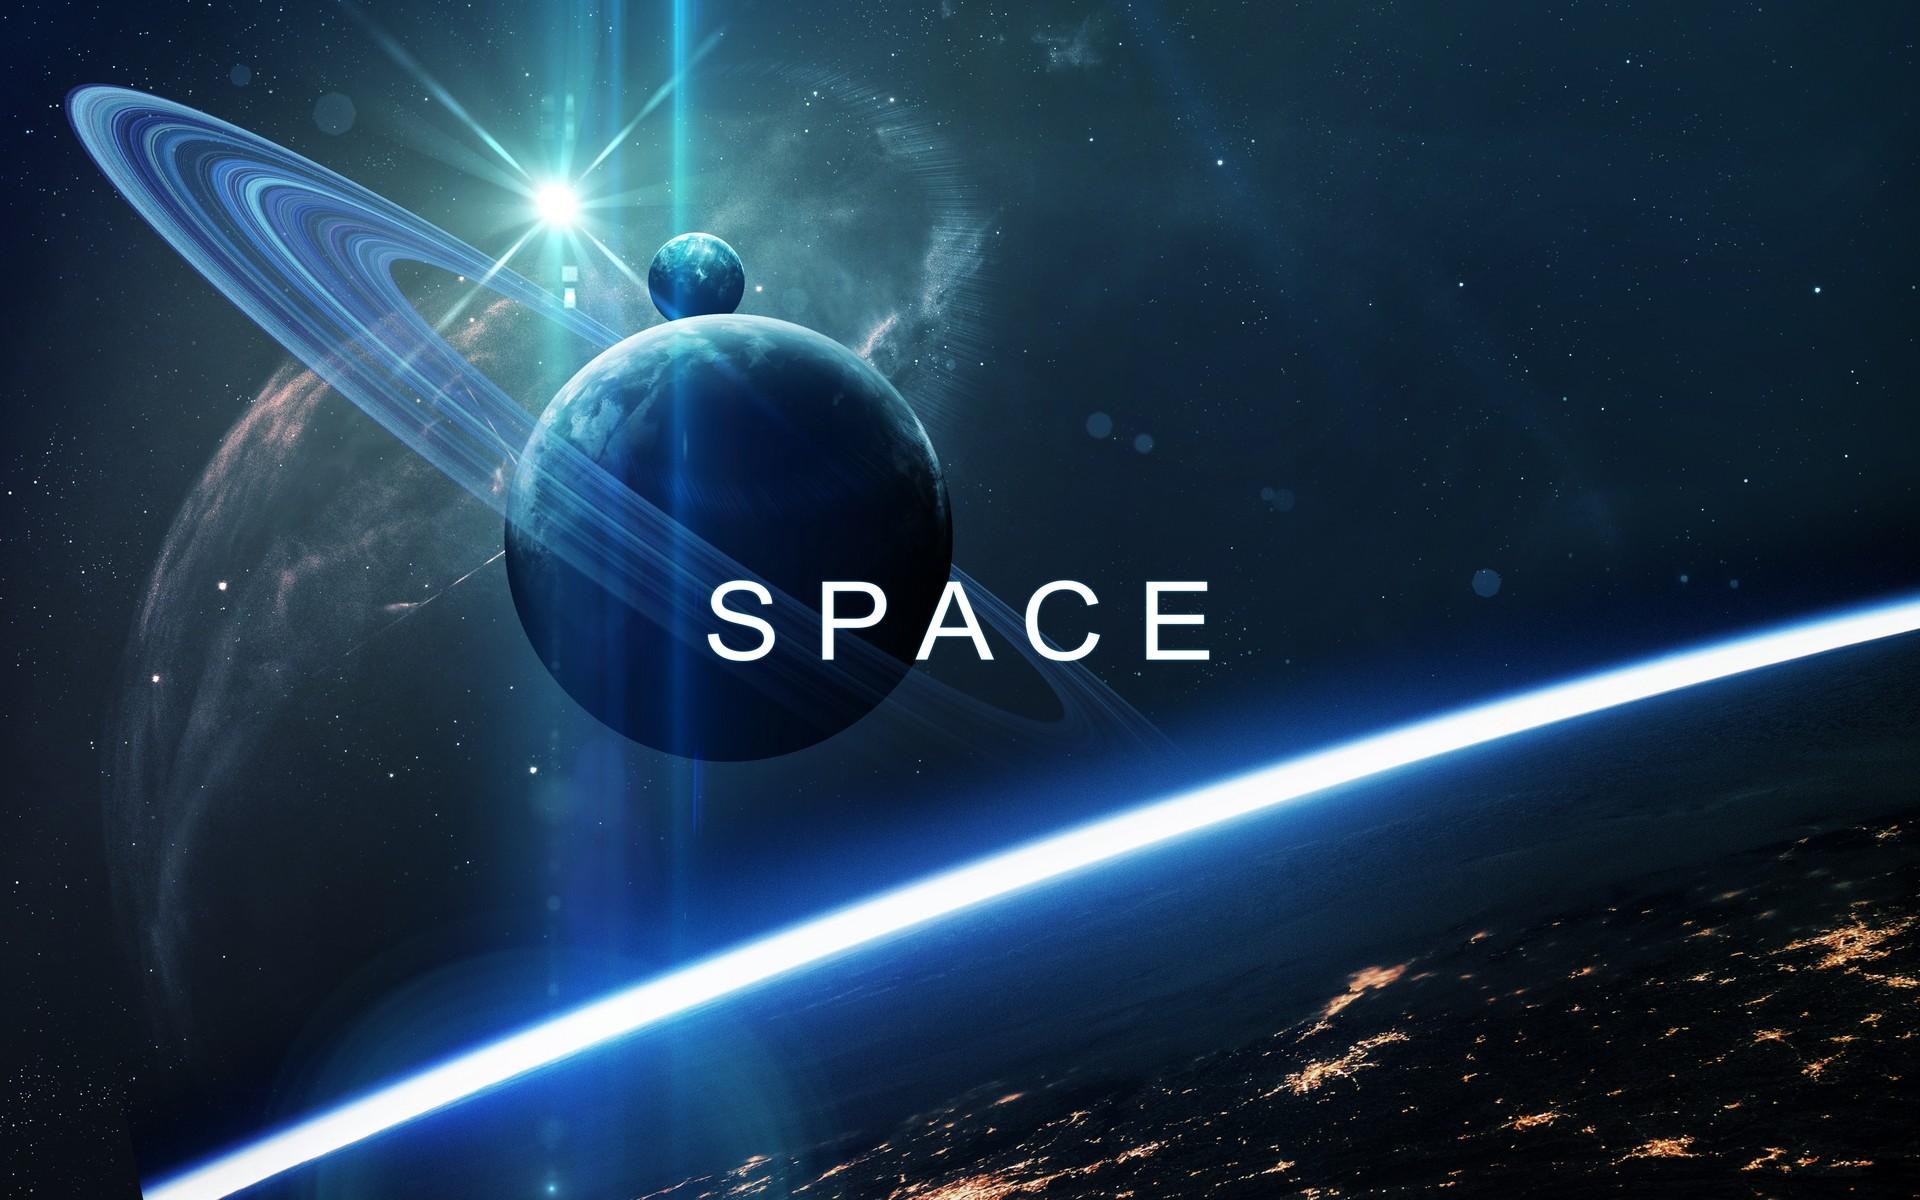 Звёздное небо и космос в картинках - Страница 4 Vadim-sadovski-c16